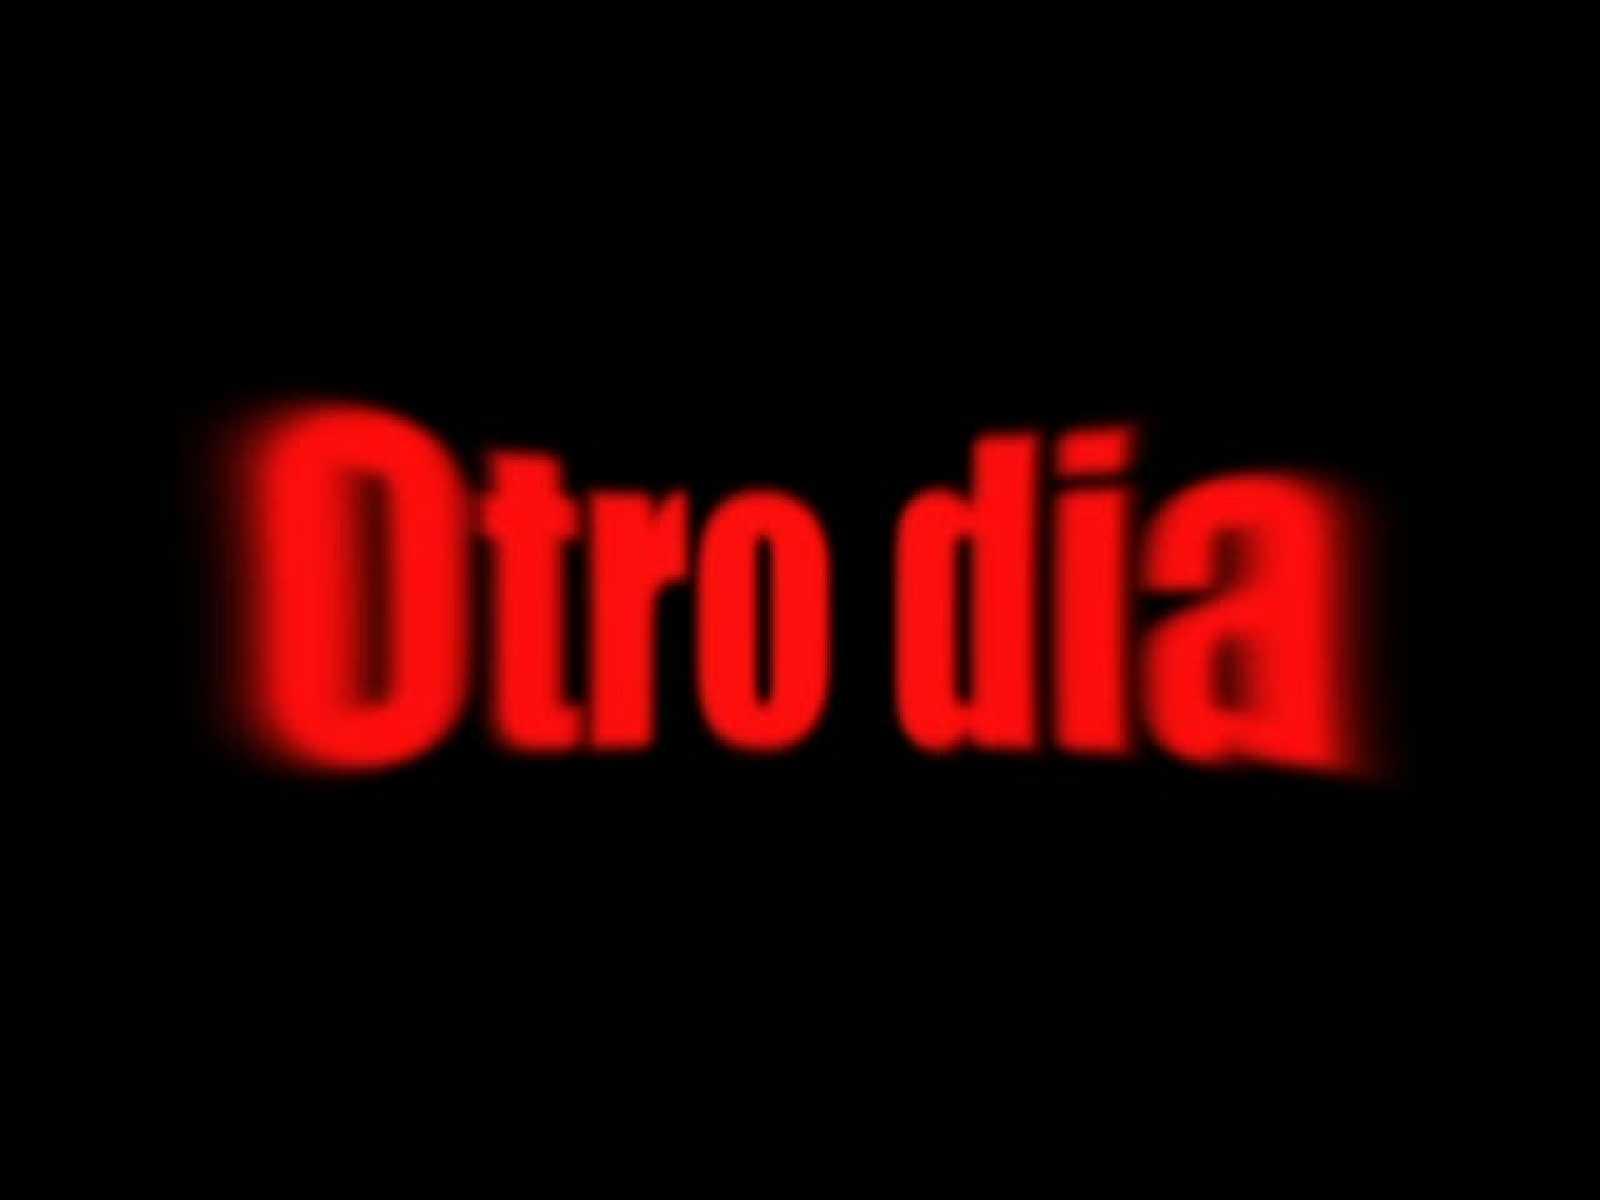 ad8c830ee1 V Concurso de Cortos RNE - 'Otro dia' - Ver ...